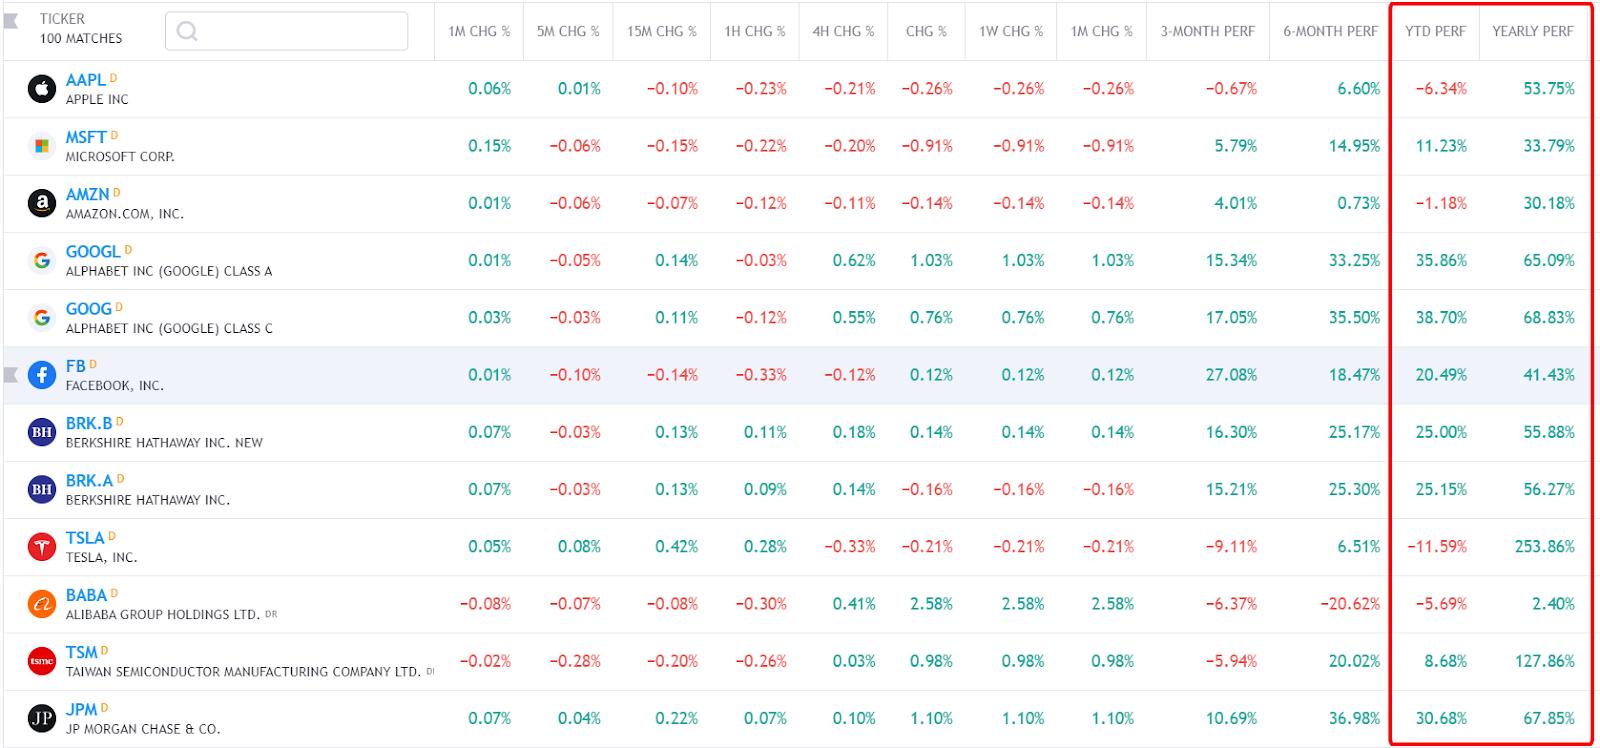 hiệu suất tăng trưởng của các cổ phiếu